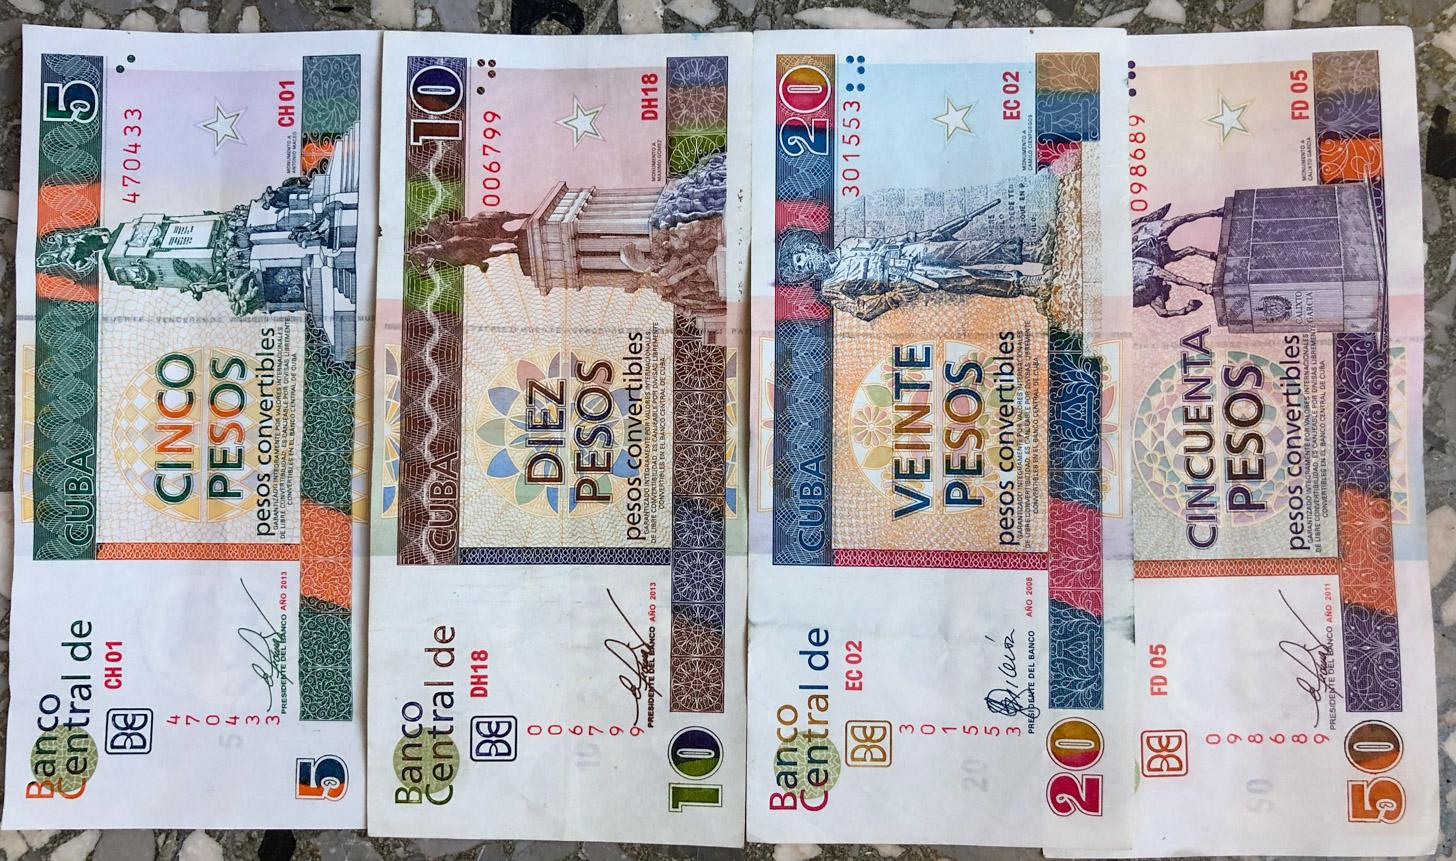 lokaal geld